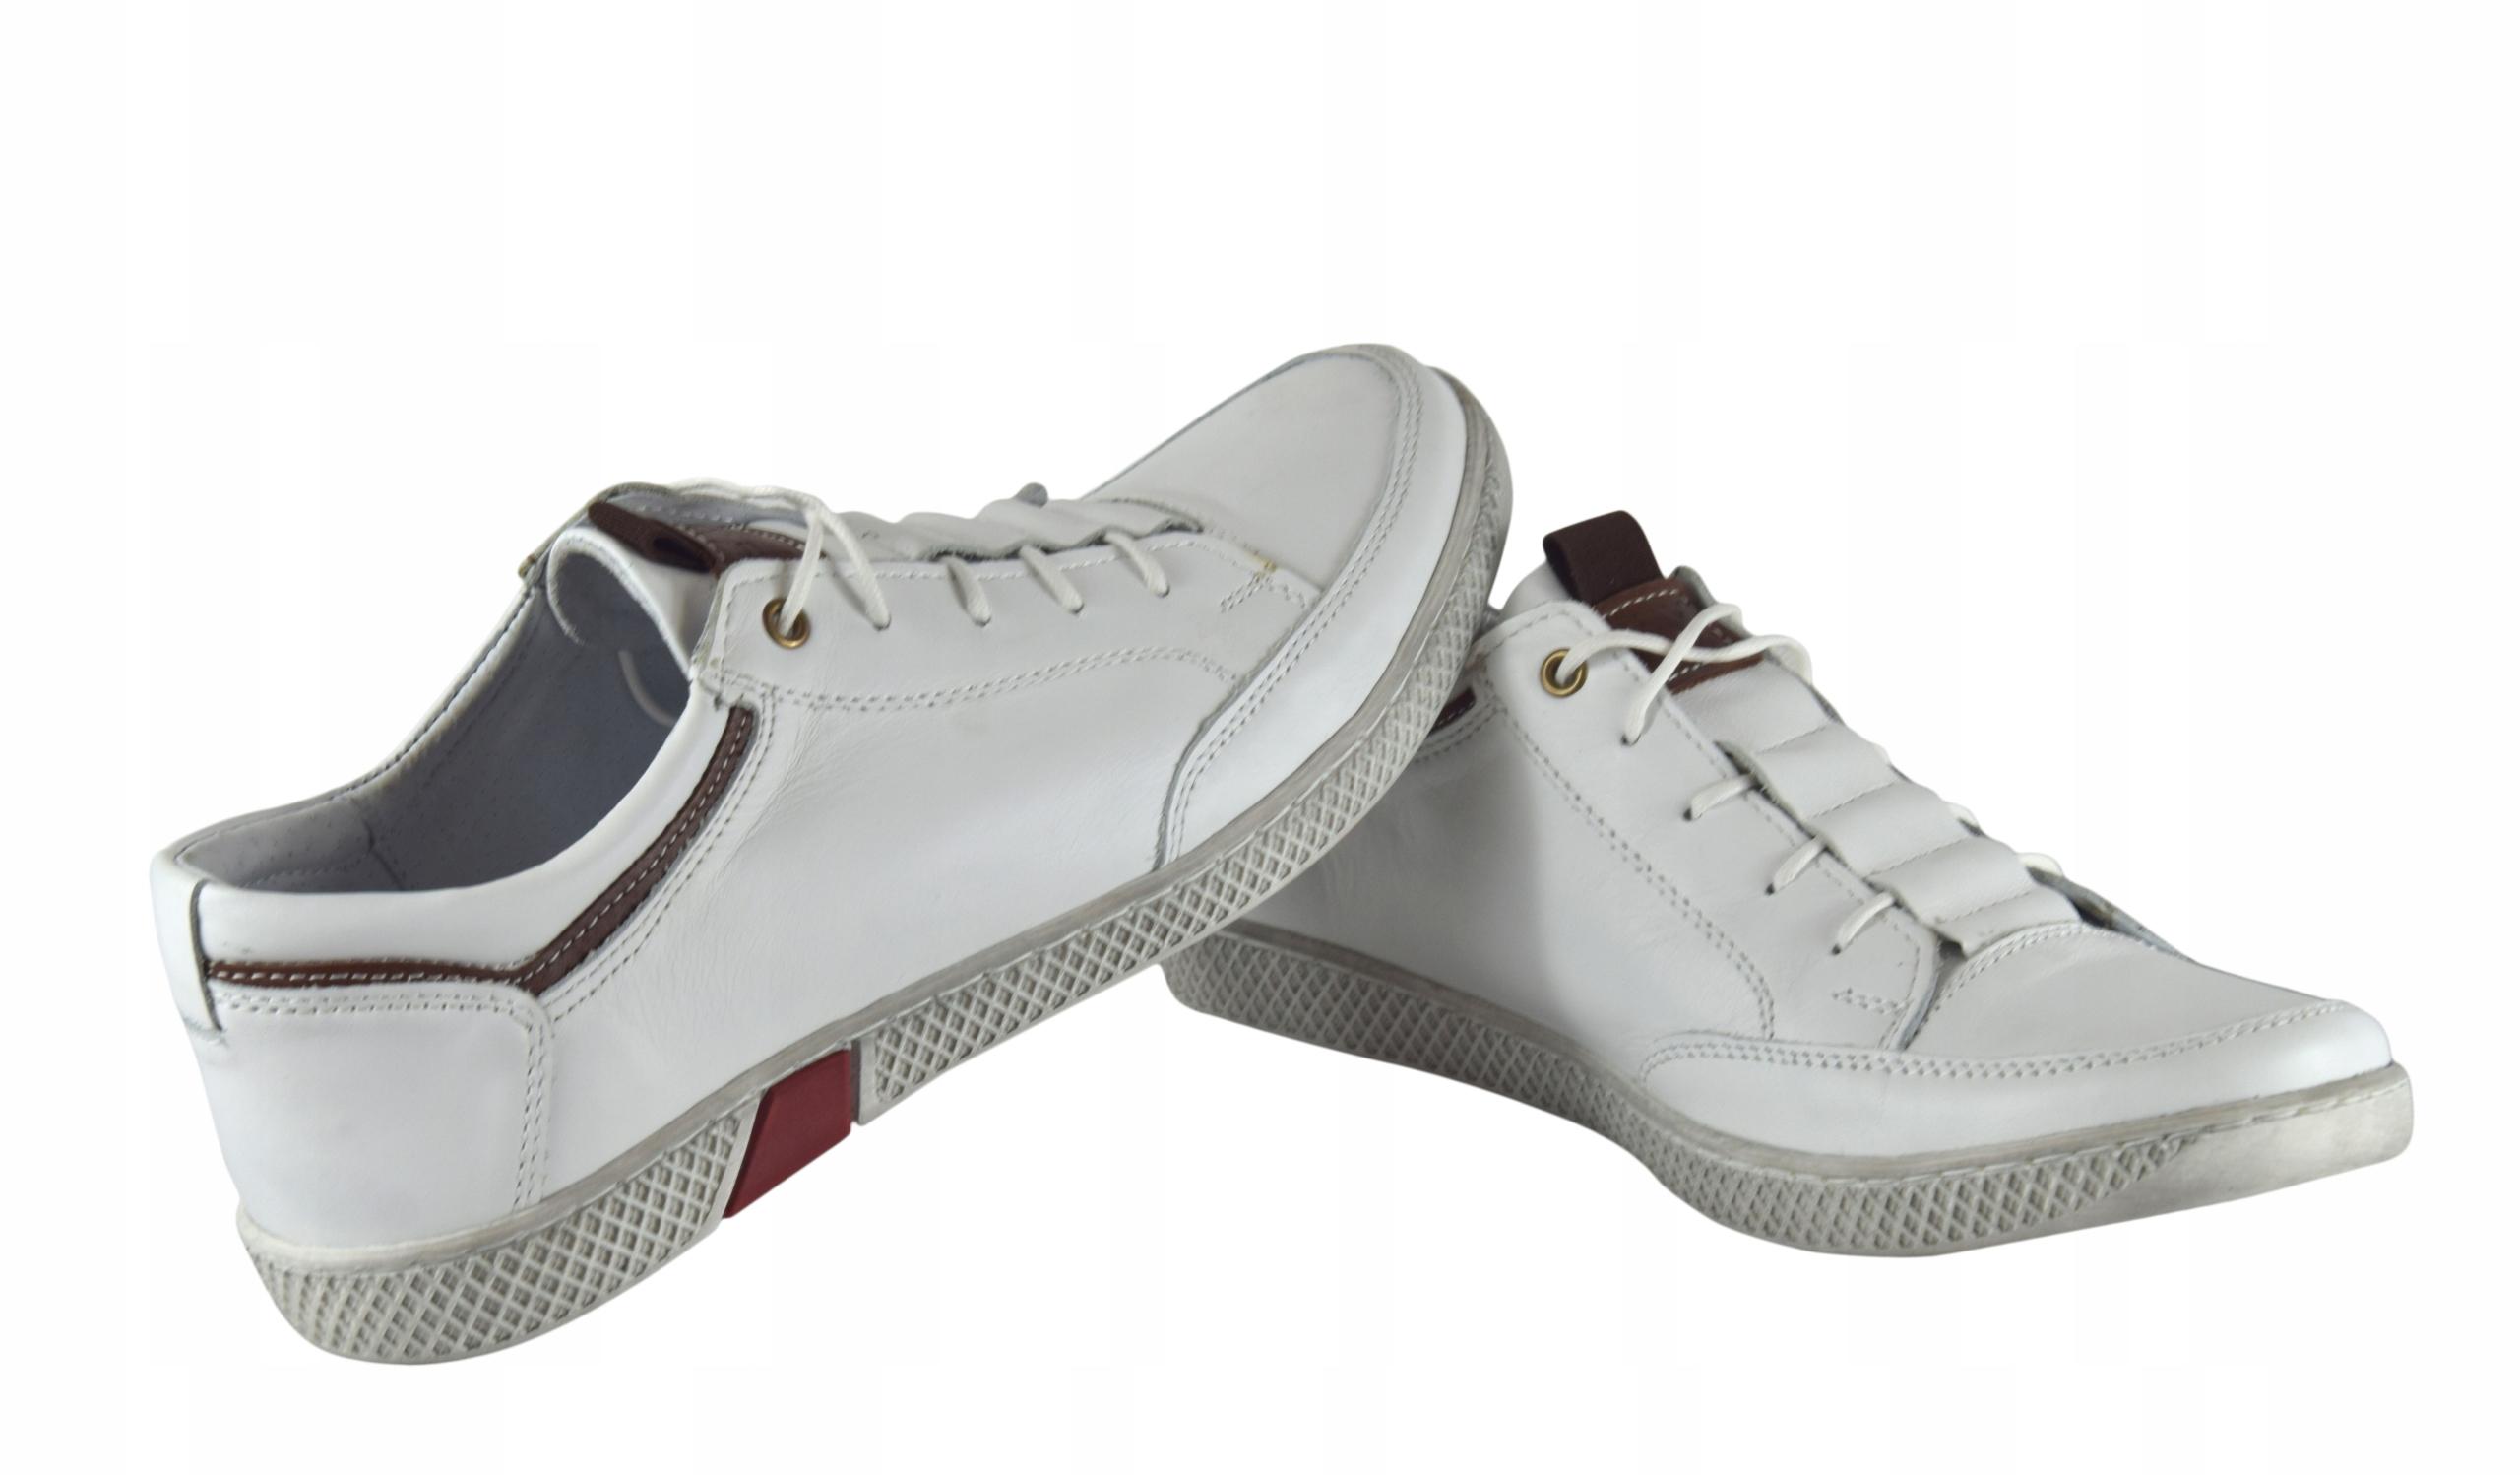 Białe buty skórzane sznurowane półbuty męskie 0448 Długość wkładki 27.3 cm